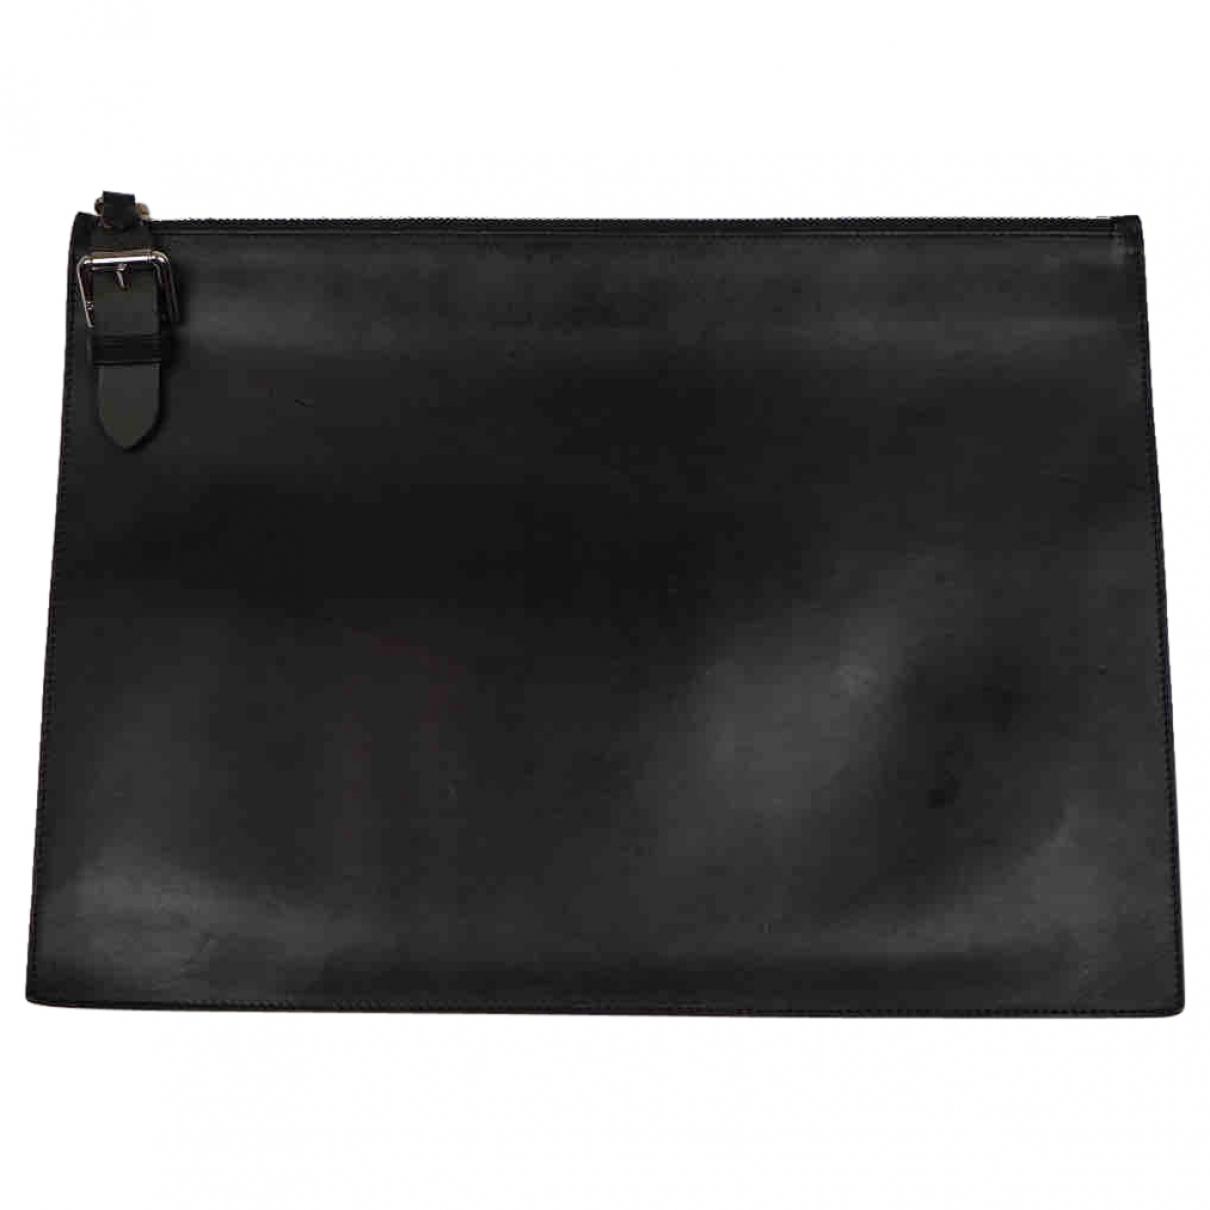 Ralph Lauren - Petite maroquinerie   pour homme en cuir - noir